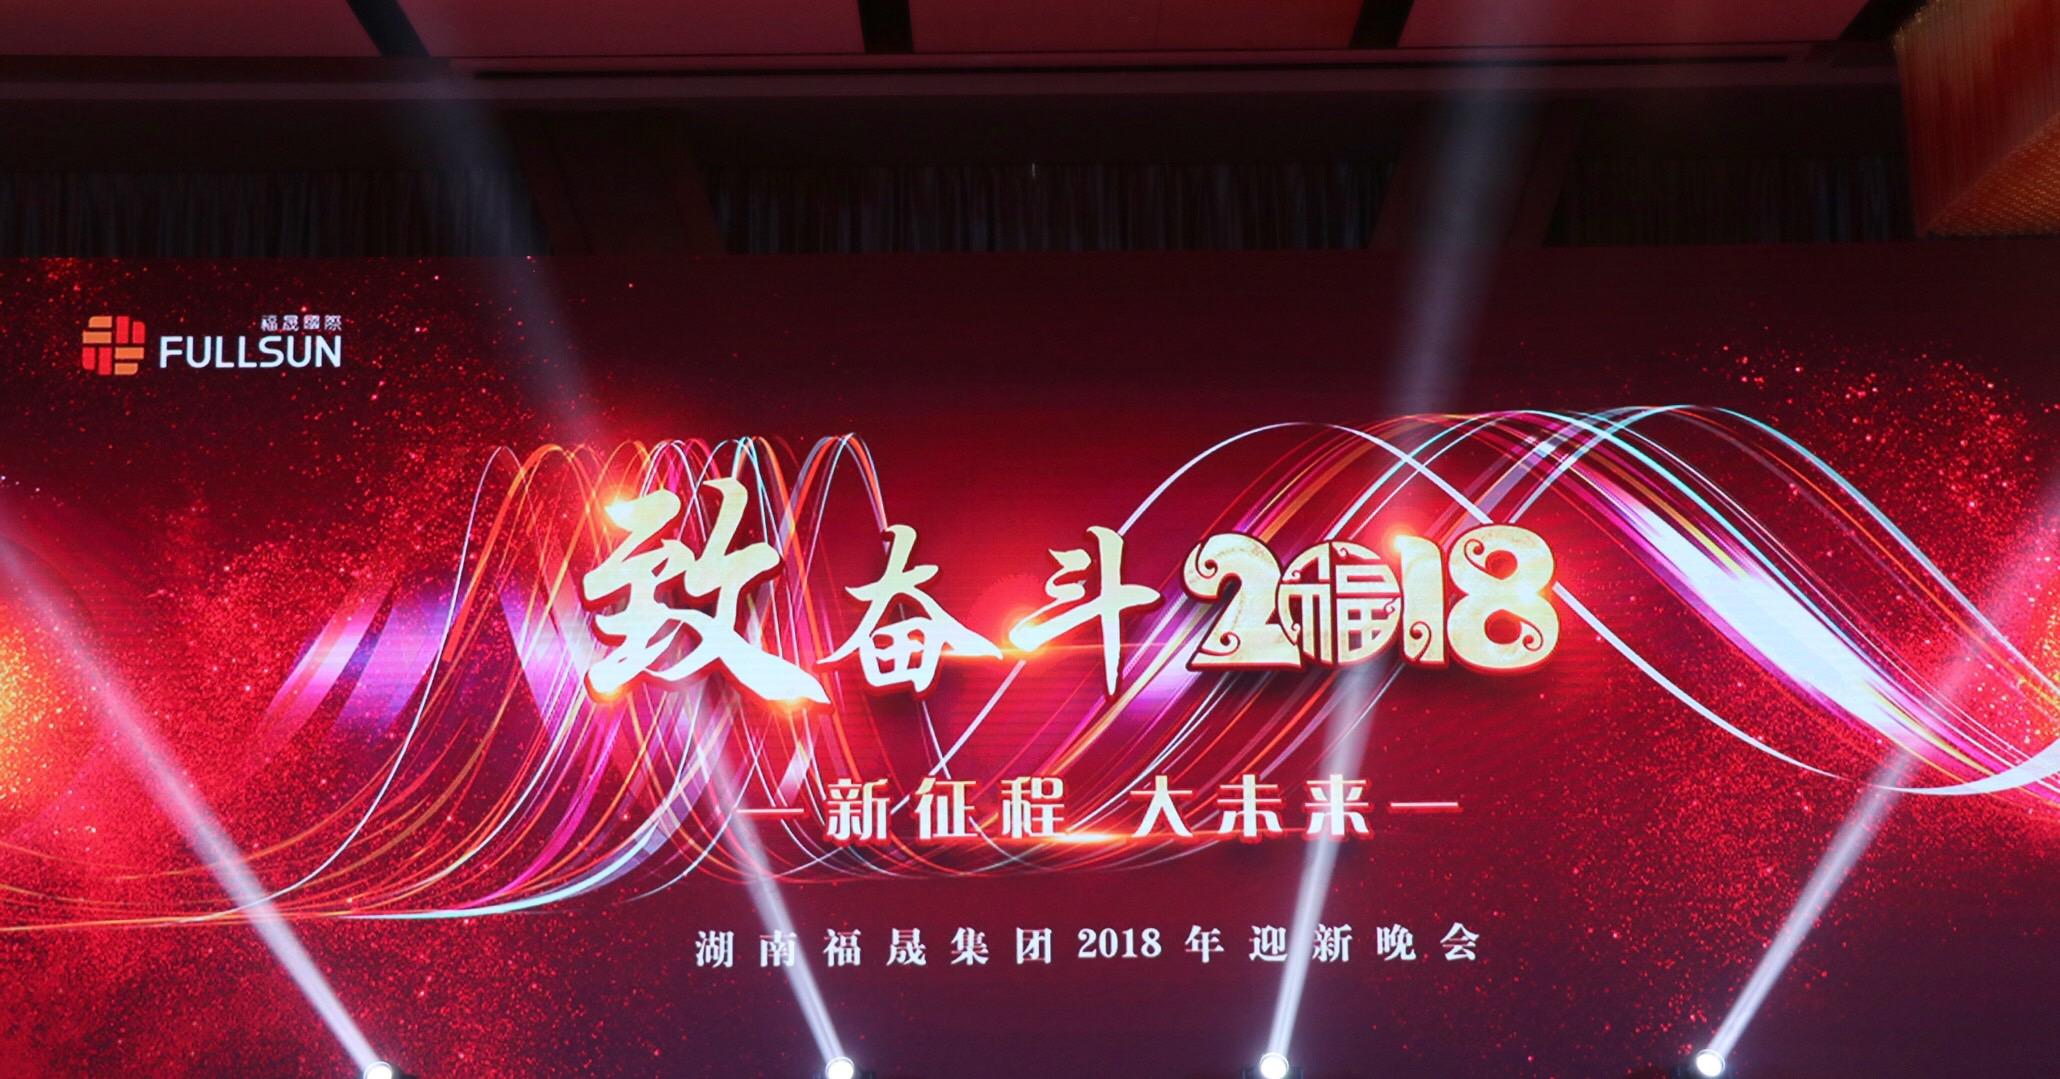 【图文直播】湖南福晟集团年度总结表彰大会及迎新晚会